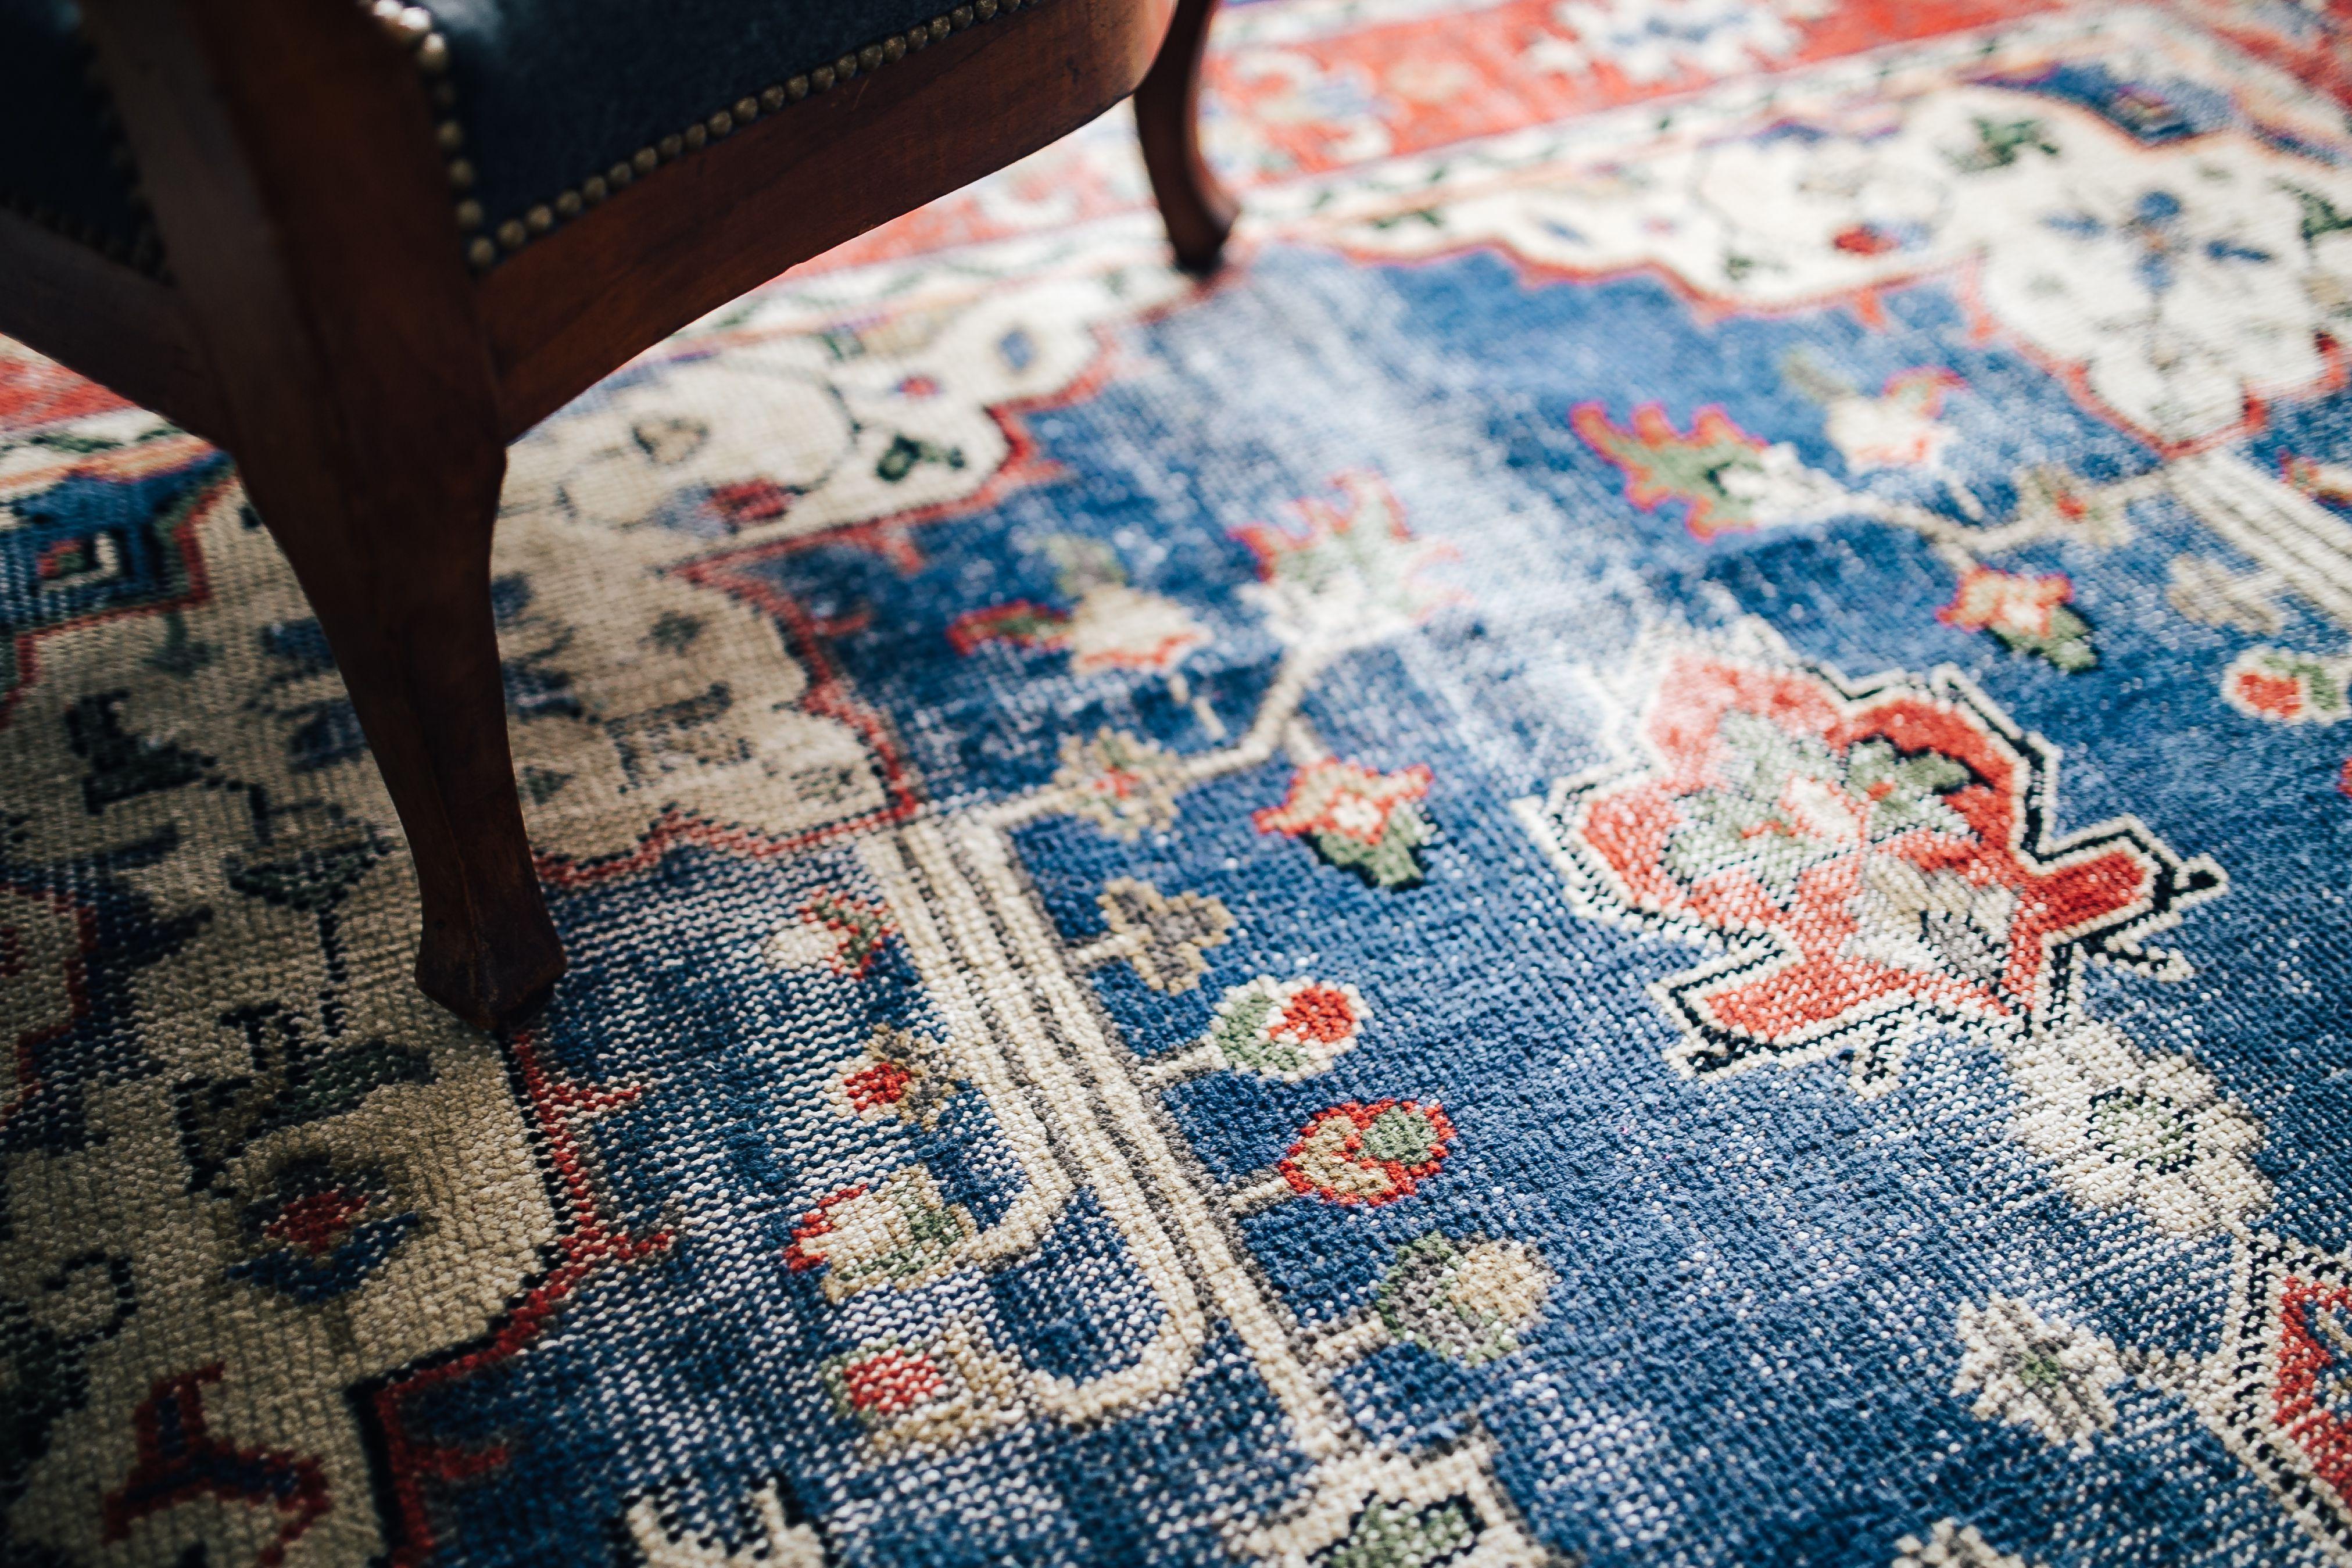 kaboompics_Closeup of carpet-1